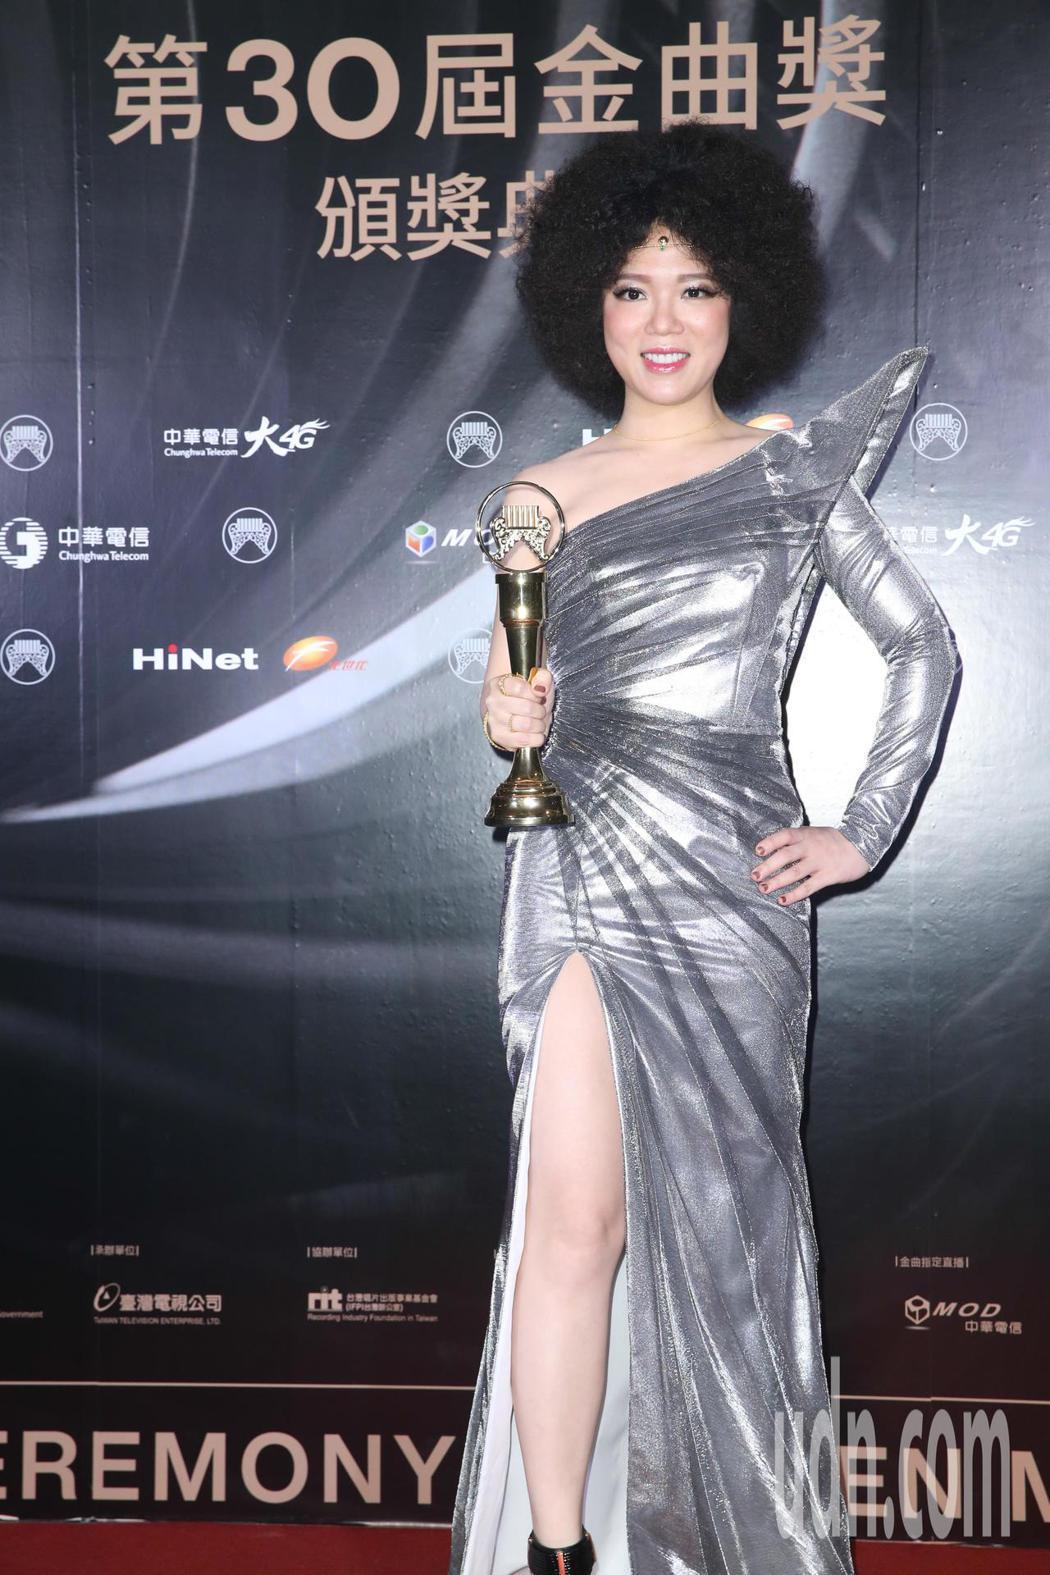 第30屆金曲獎,演奏類最佳作曲人獎由許郁瑛獲得。記者葉信菉/攝影